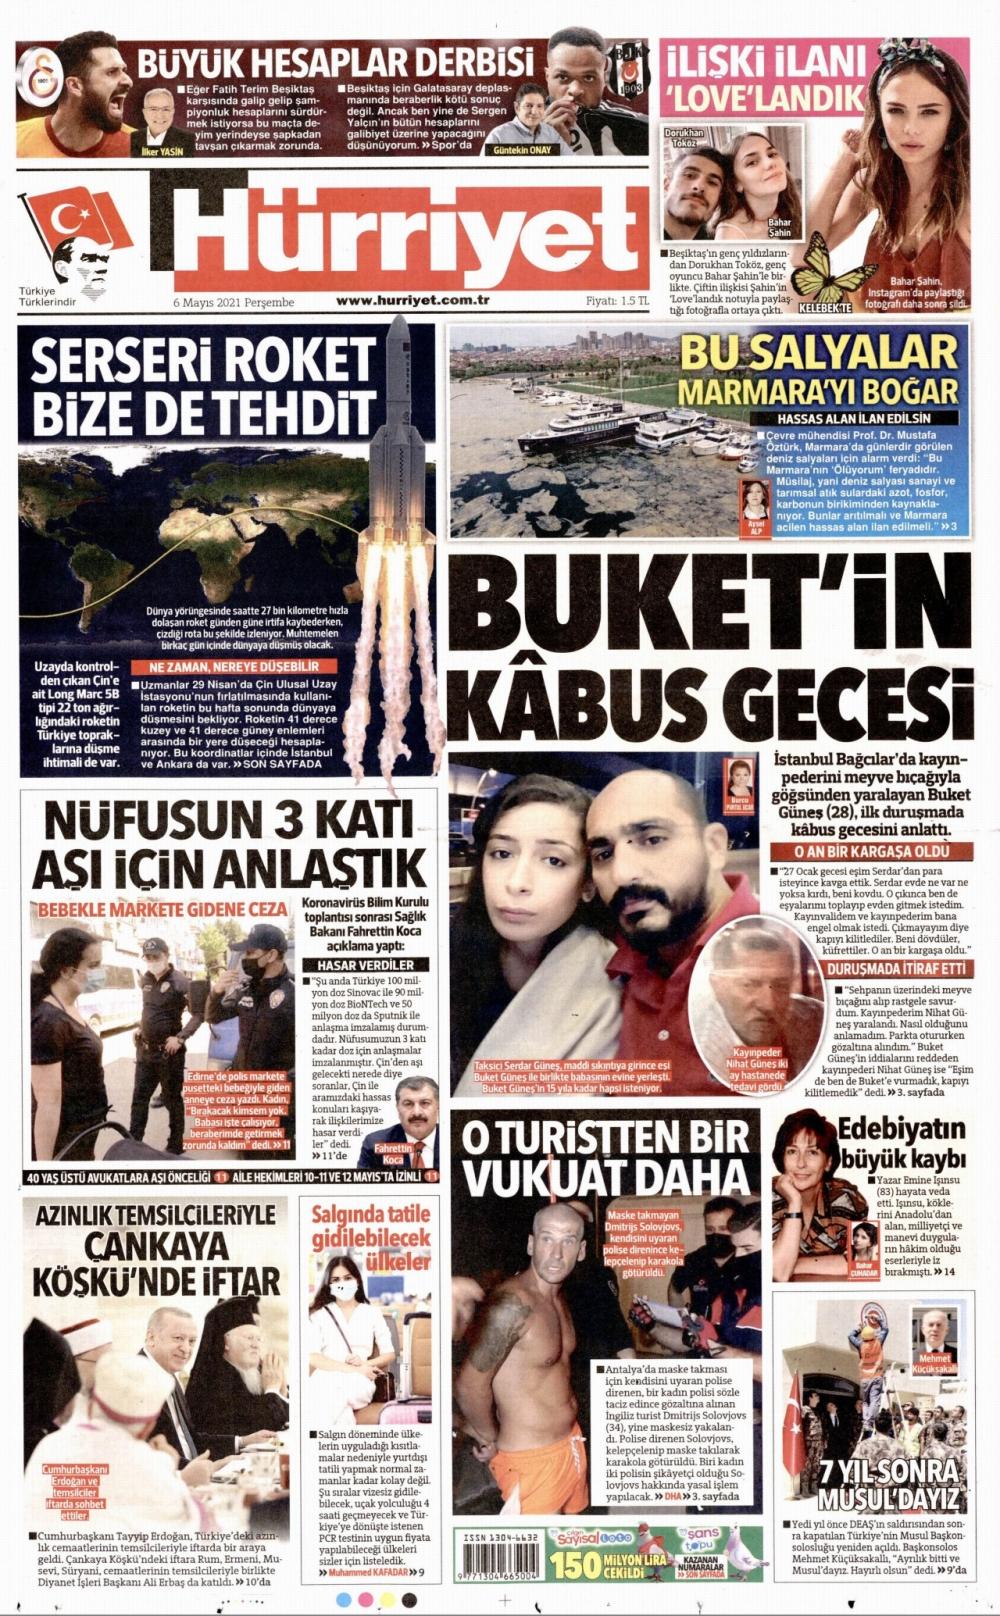 Günün Gazete Manşetleri 6 Mayıs 2021 Gazeteler Ne Diyor? 1